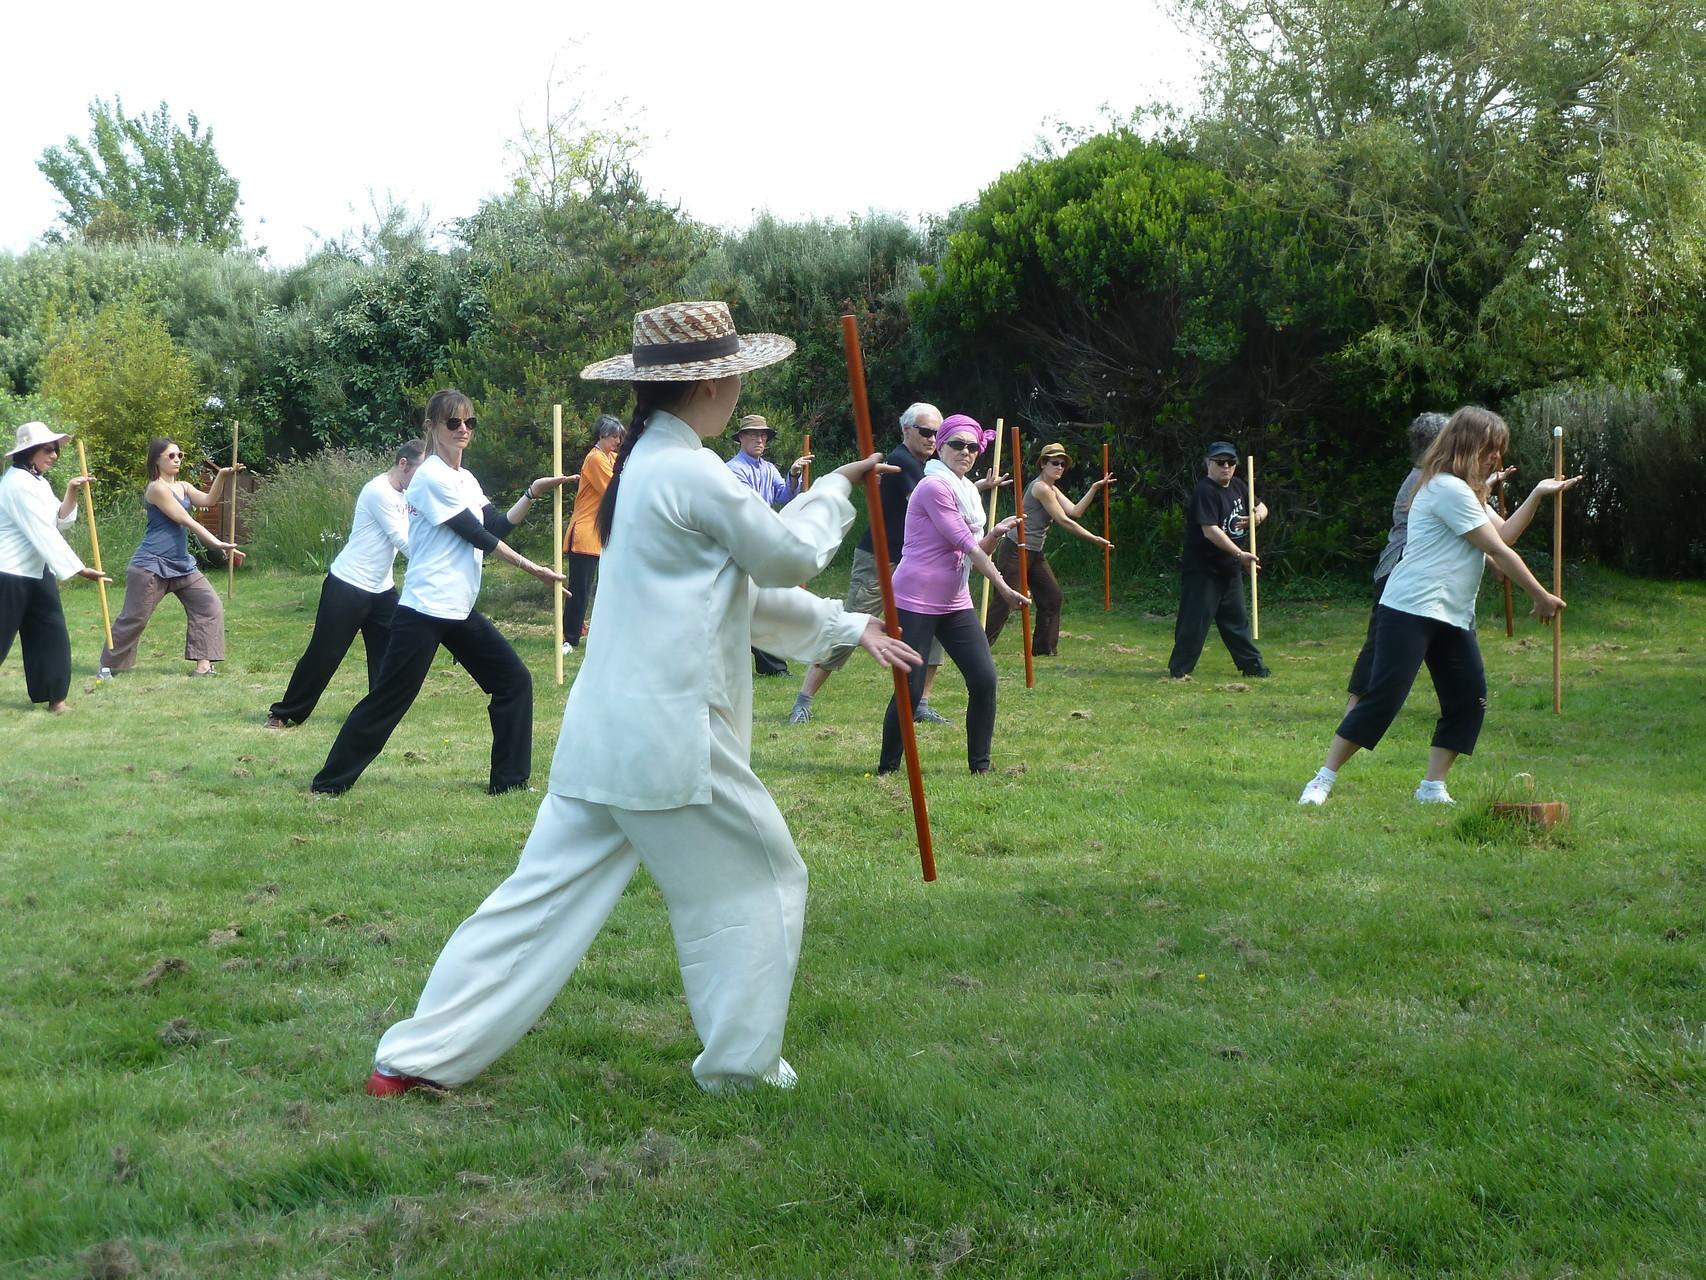 2013 - Pratique champêtre du Qi Gong du bâton avec Wang Yan Li à l'île d'Arz